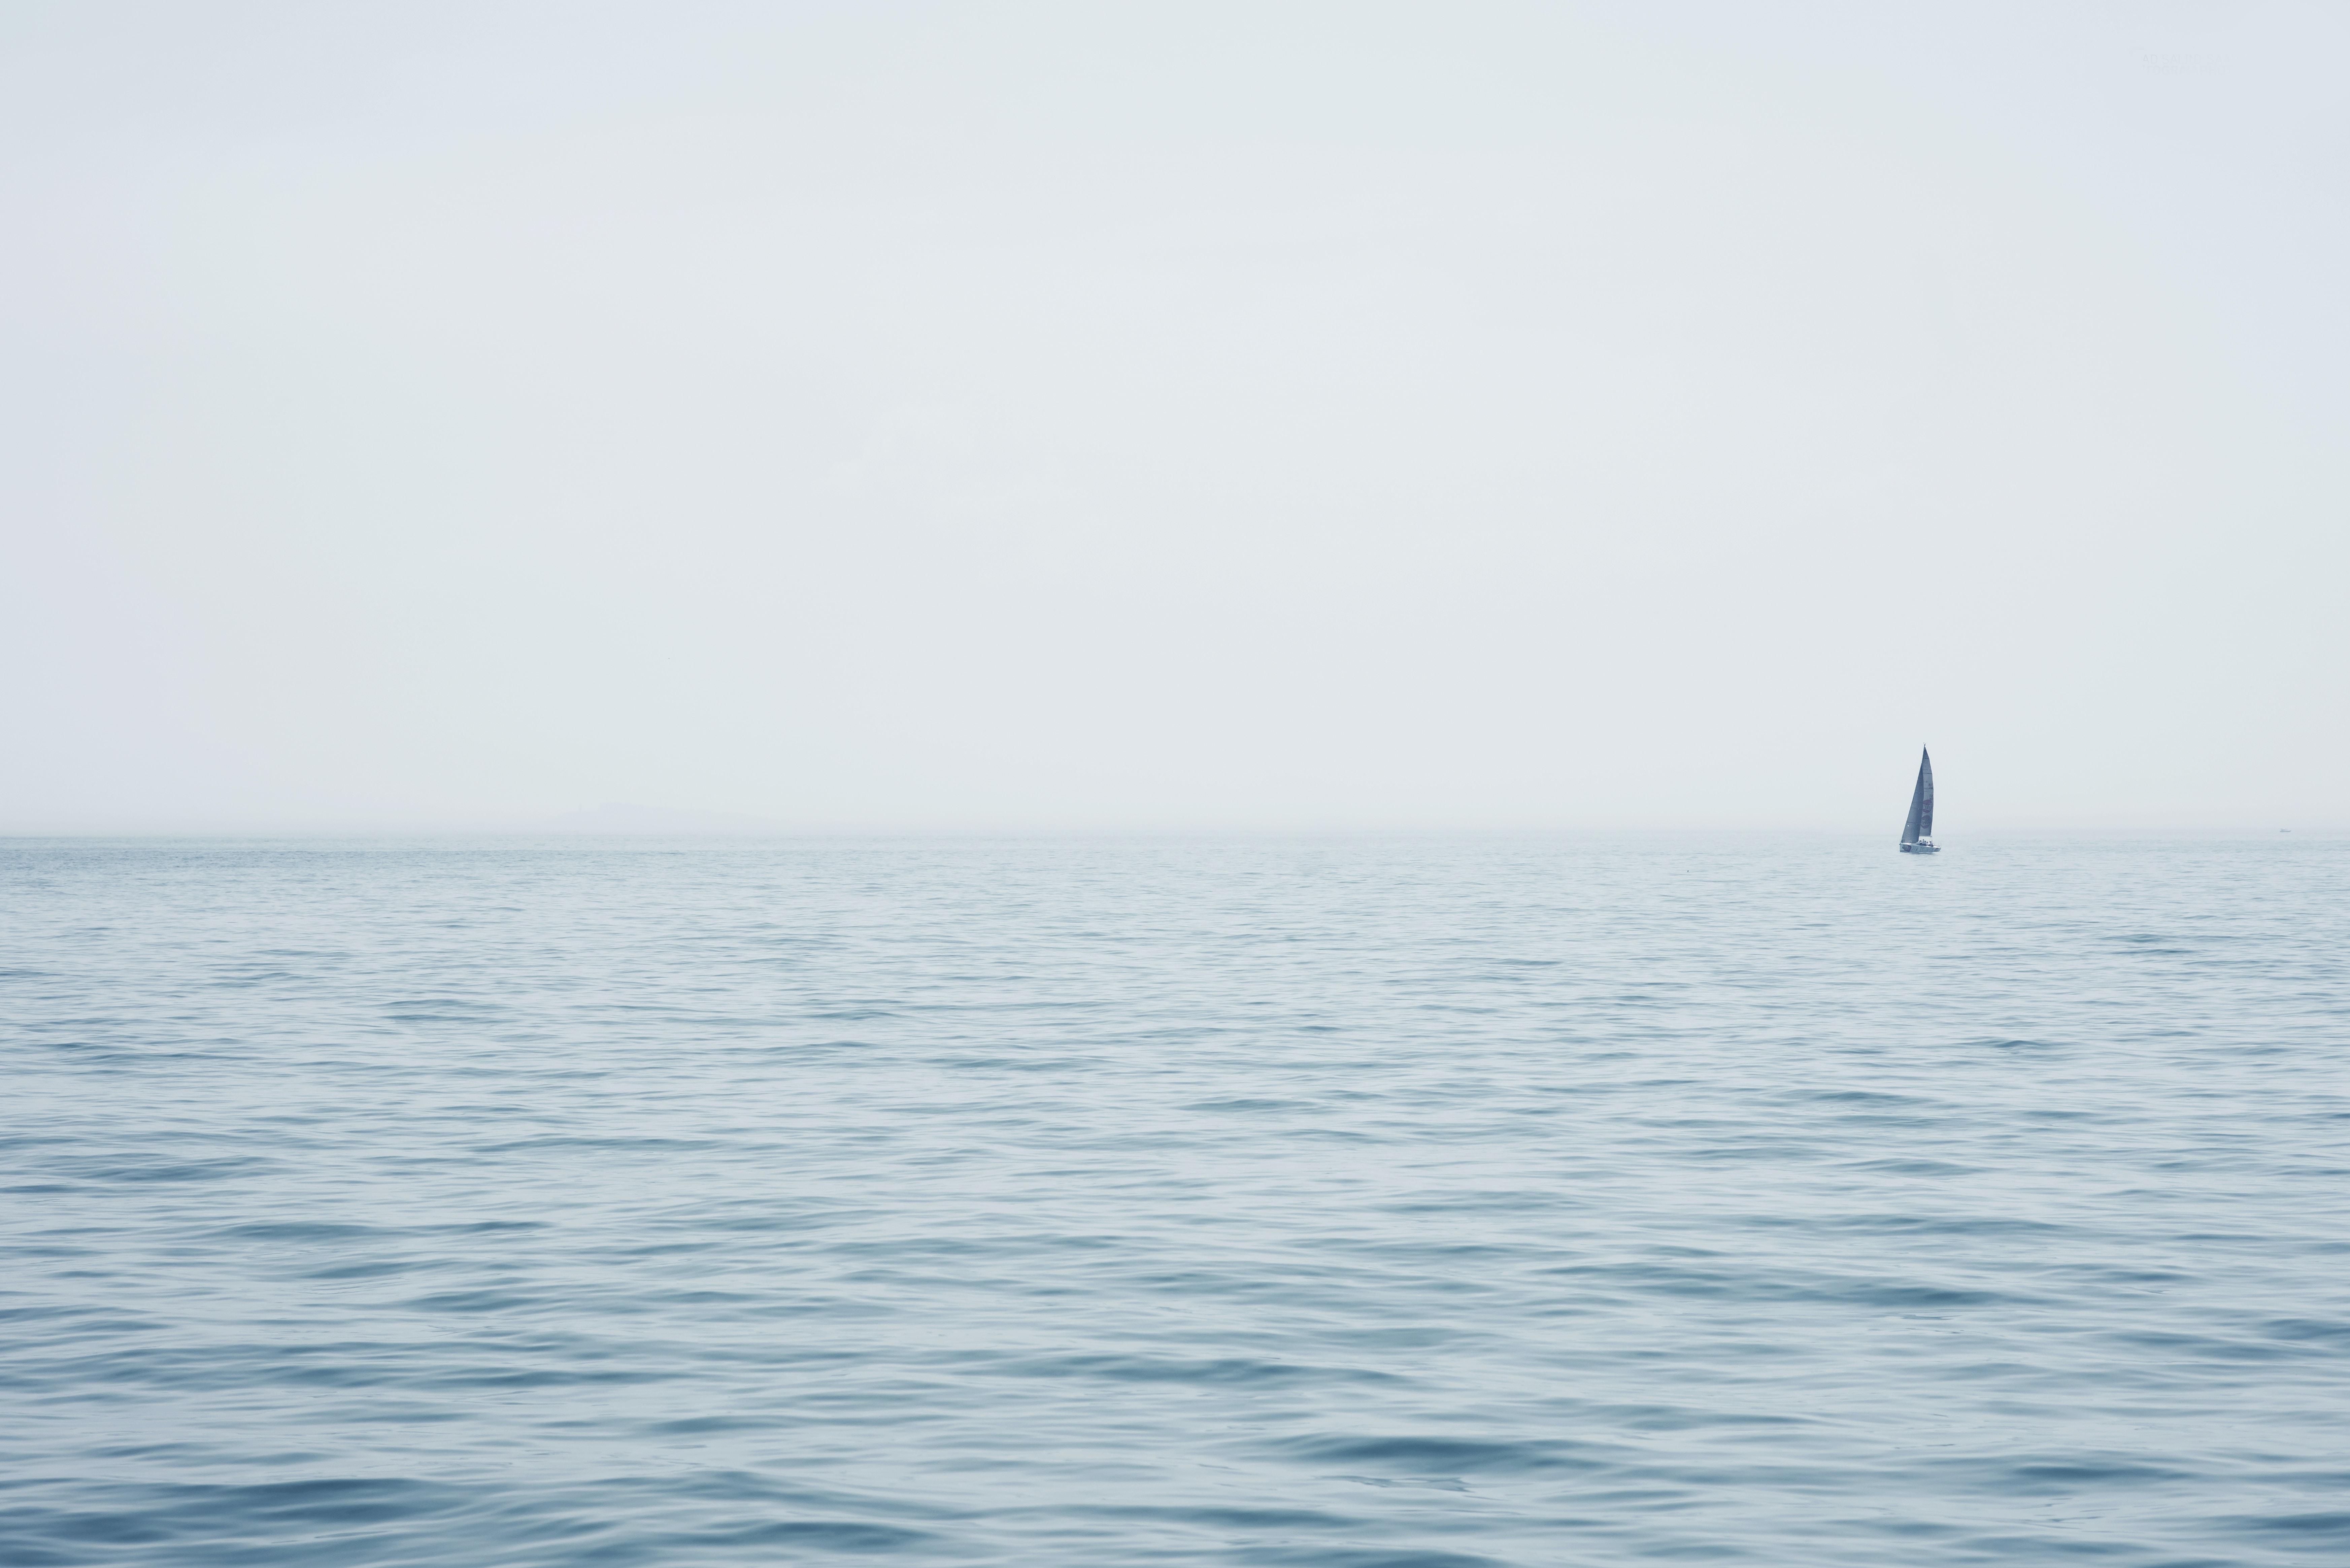 blue sailboat sailing on open sea